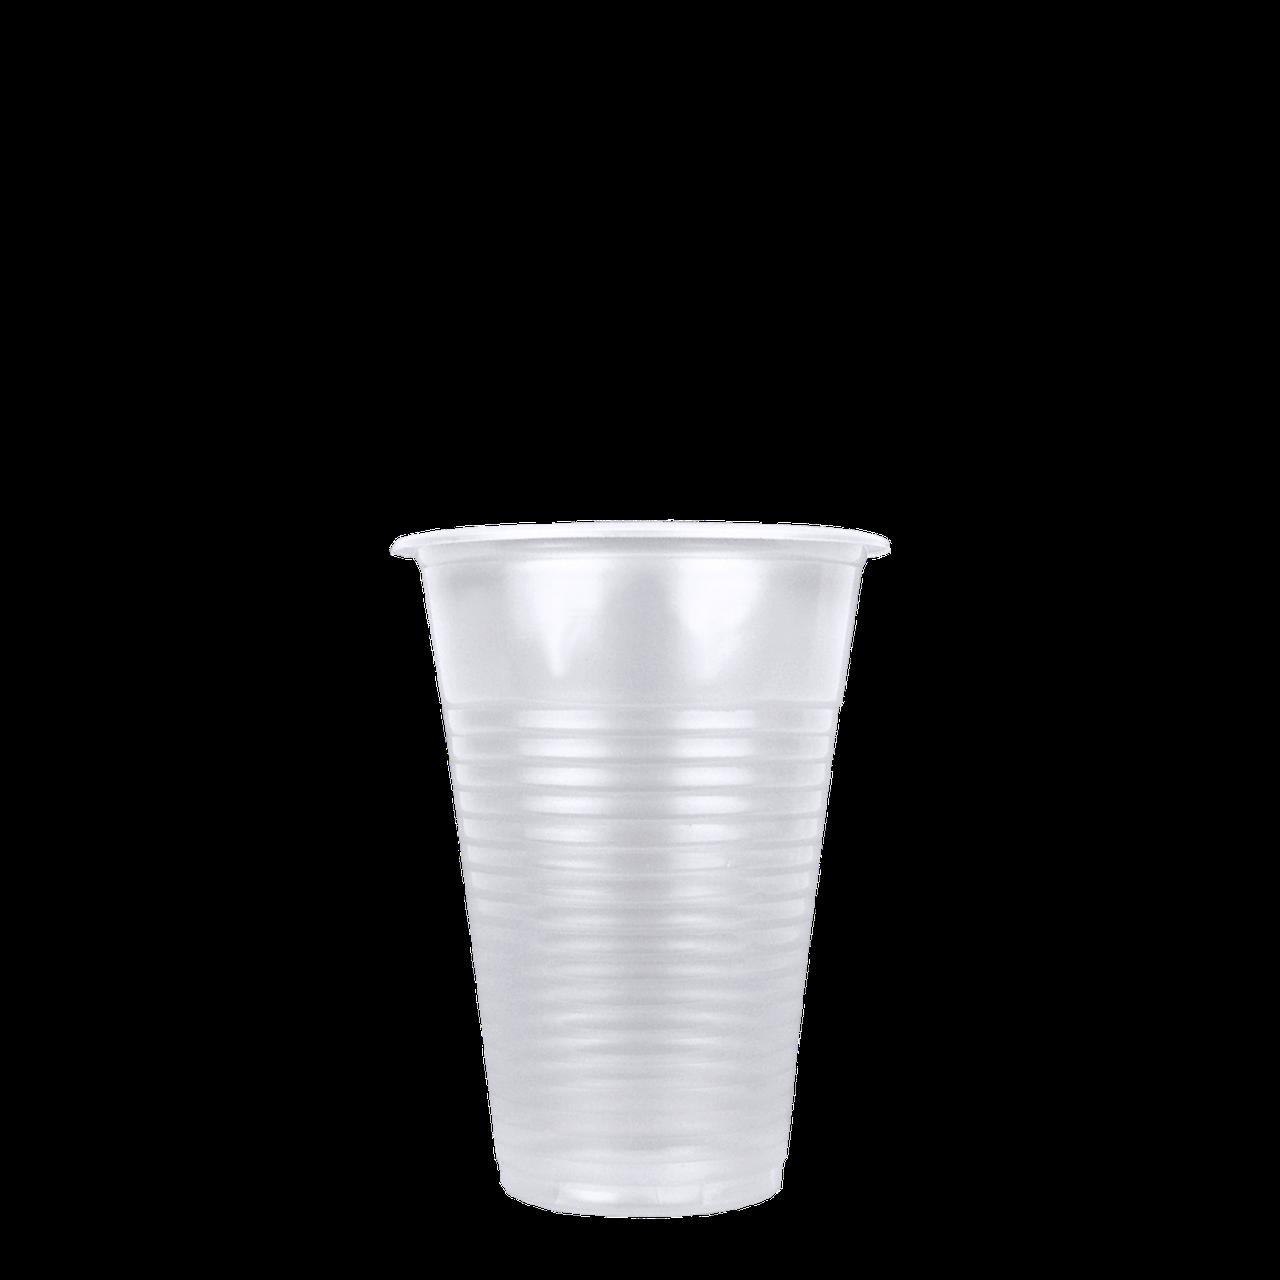 Стаканы пластиковые прозрачные 180 мл